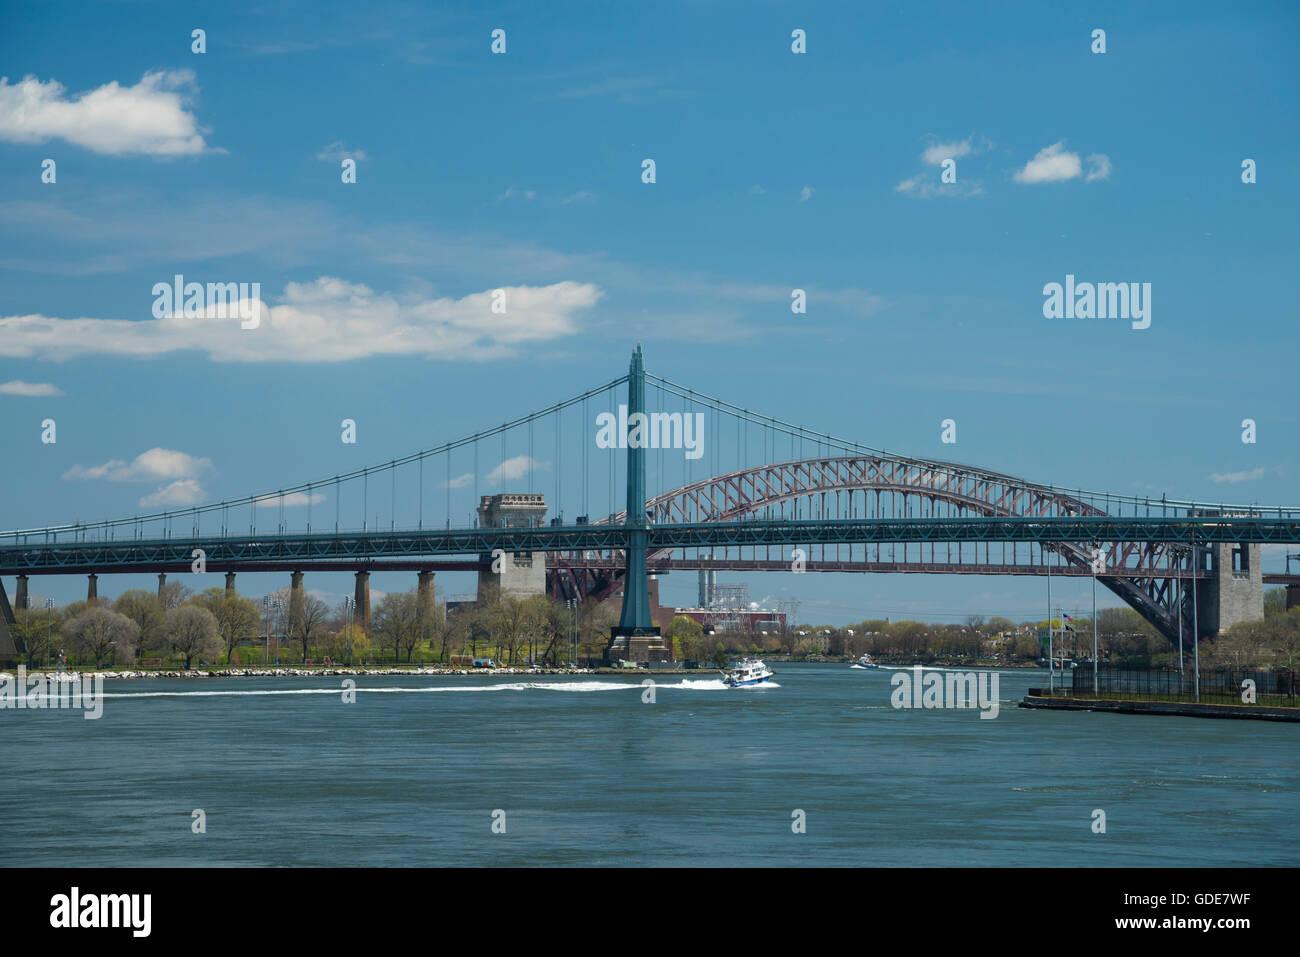 USA,New York,Manhattan,Upper Eastside,RFK Triborough Bridge,East River - Stock Image